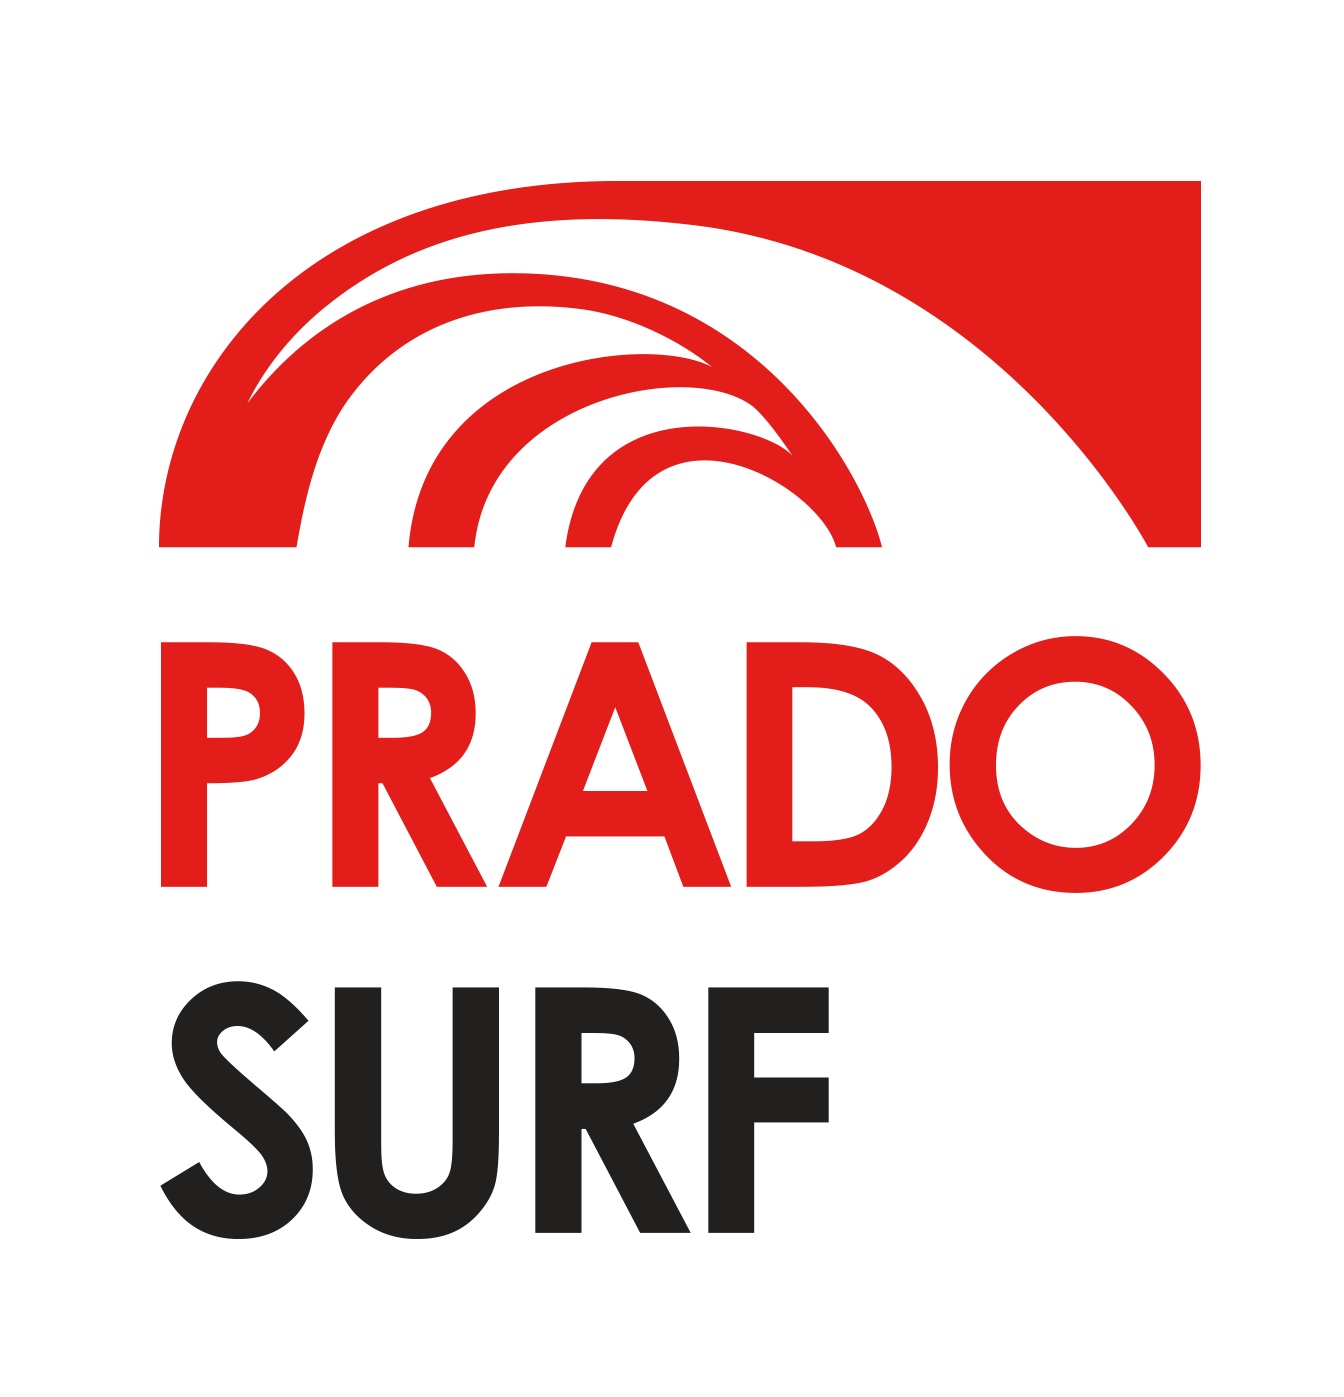 PradoSurf